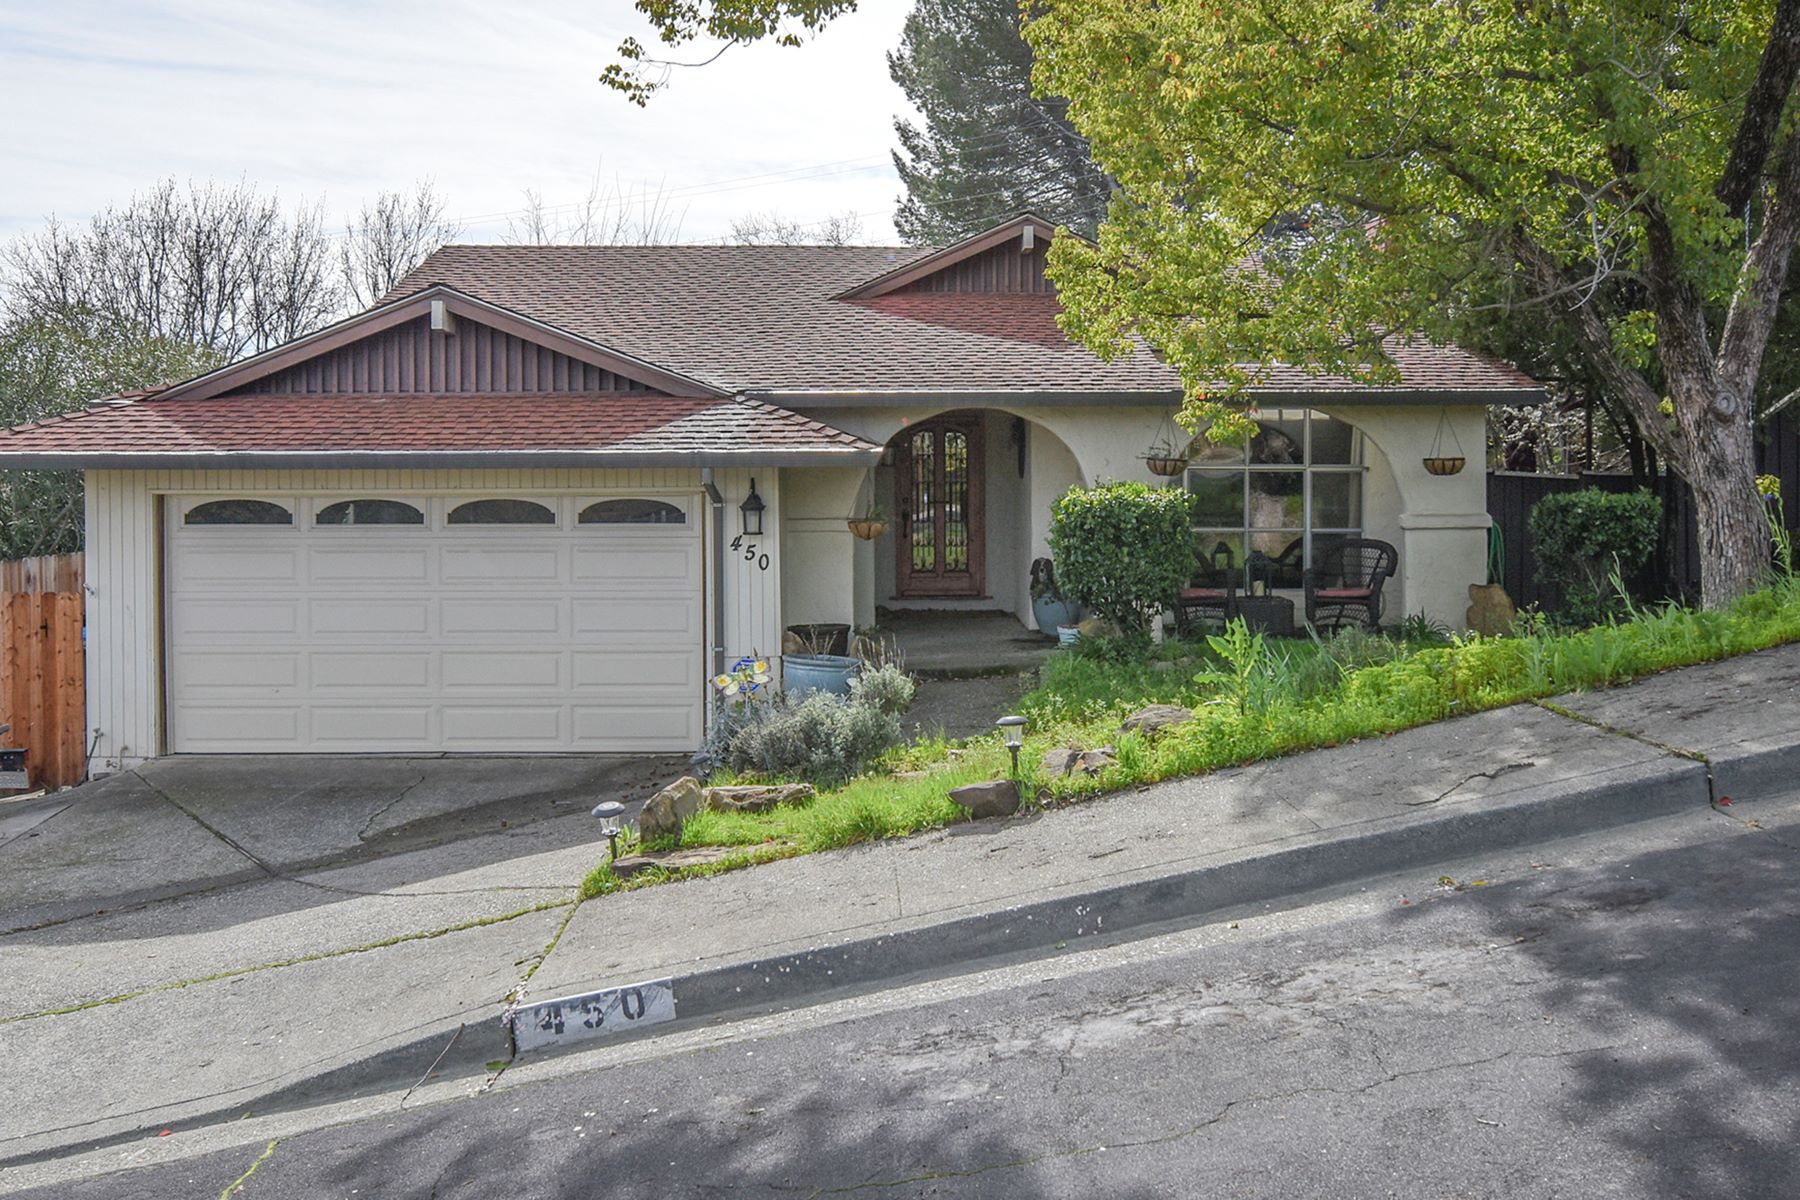 Частный односемейный дом для того Продажа на Inviting Ranch Style Home Featuring Arched Doorways 450 La Cresta Drive Vacaville, Калифорния 95688 Соединенные Штаты